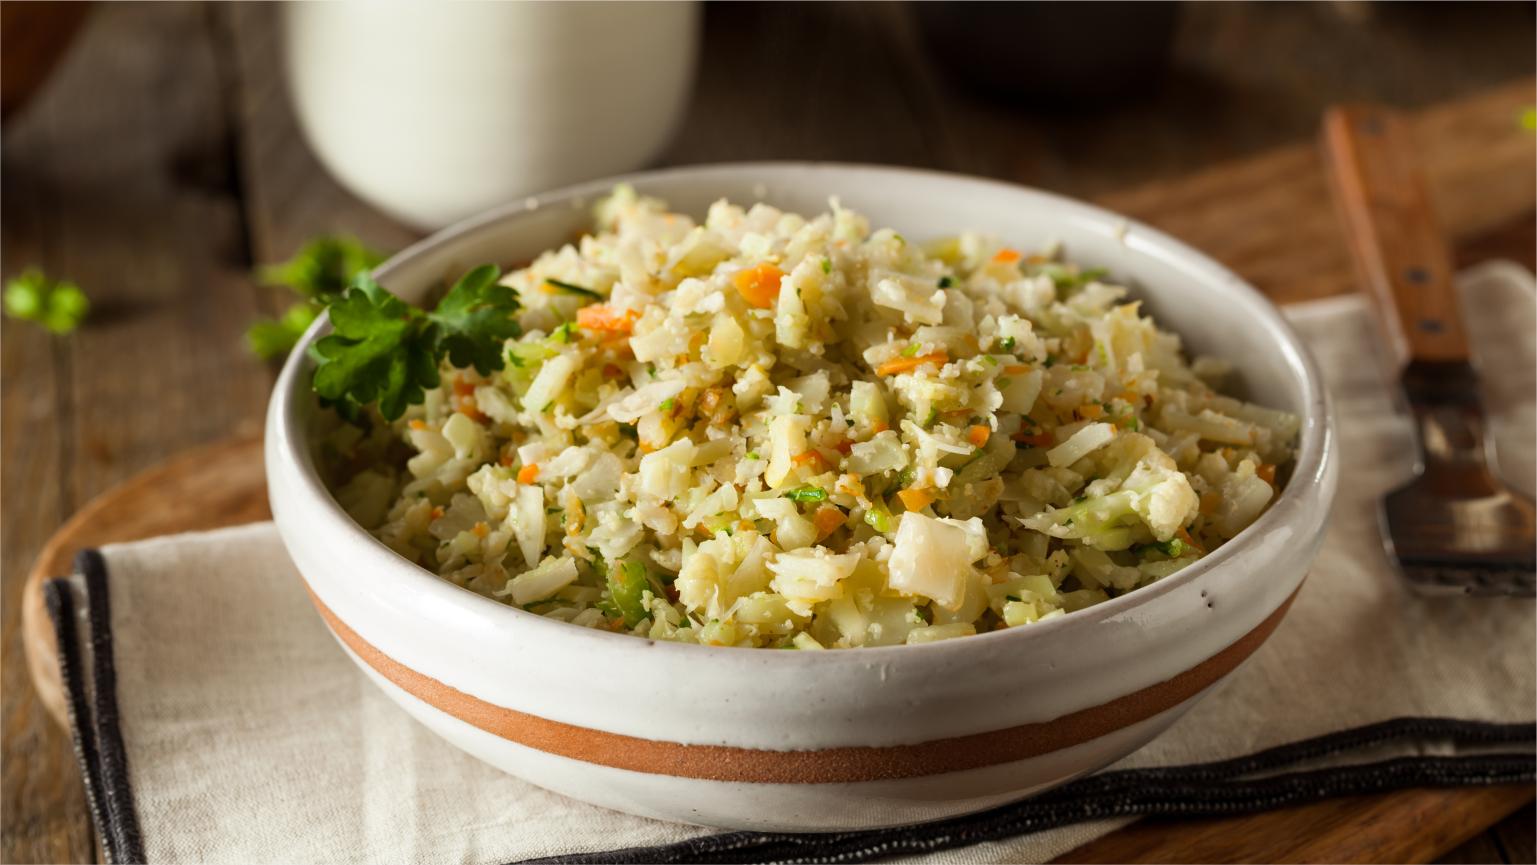 cauliflower rice dishes